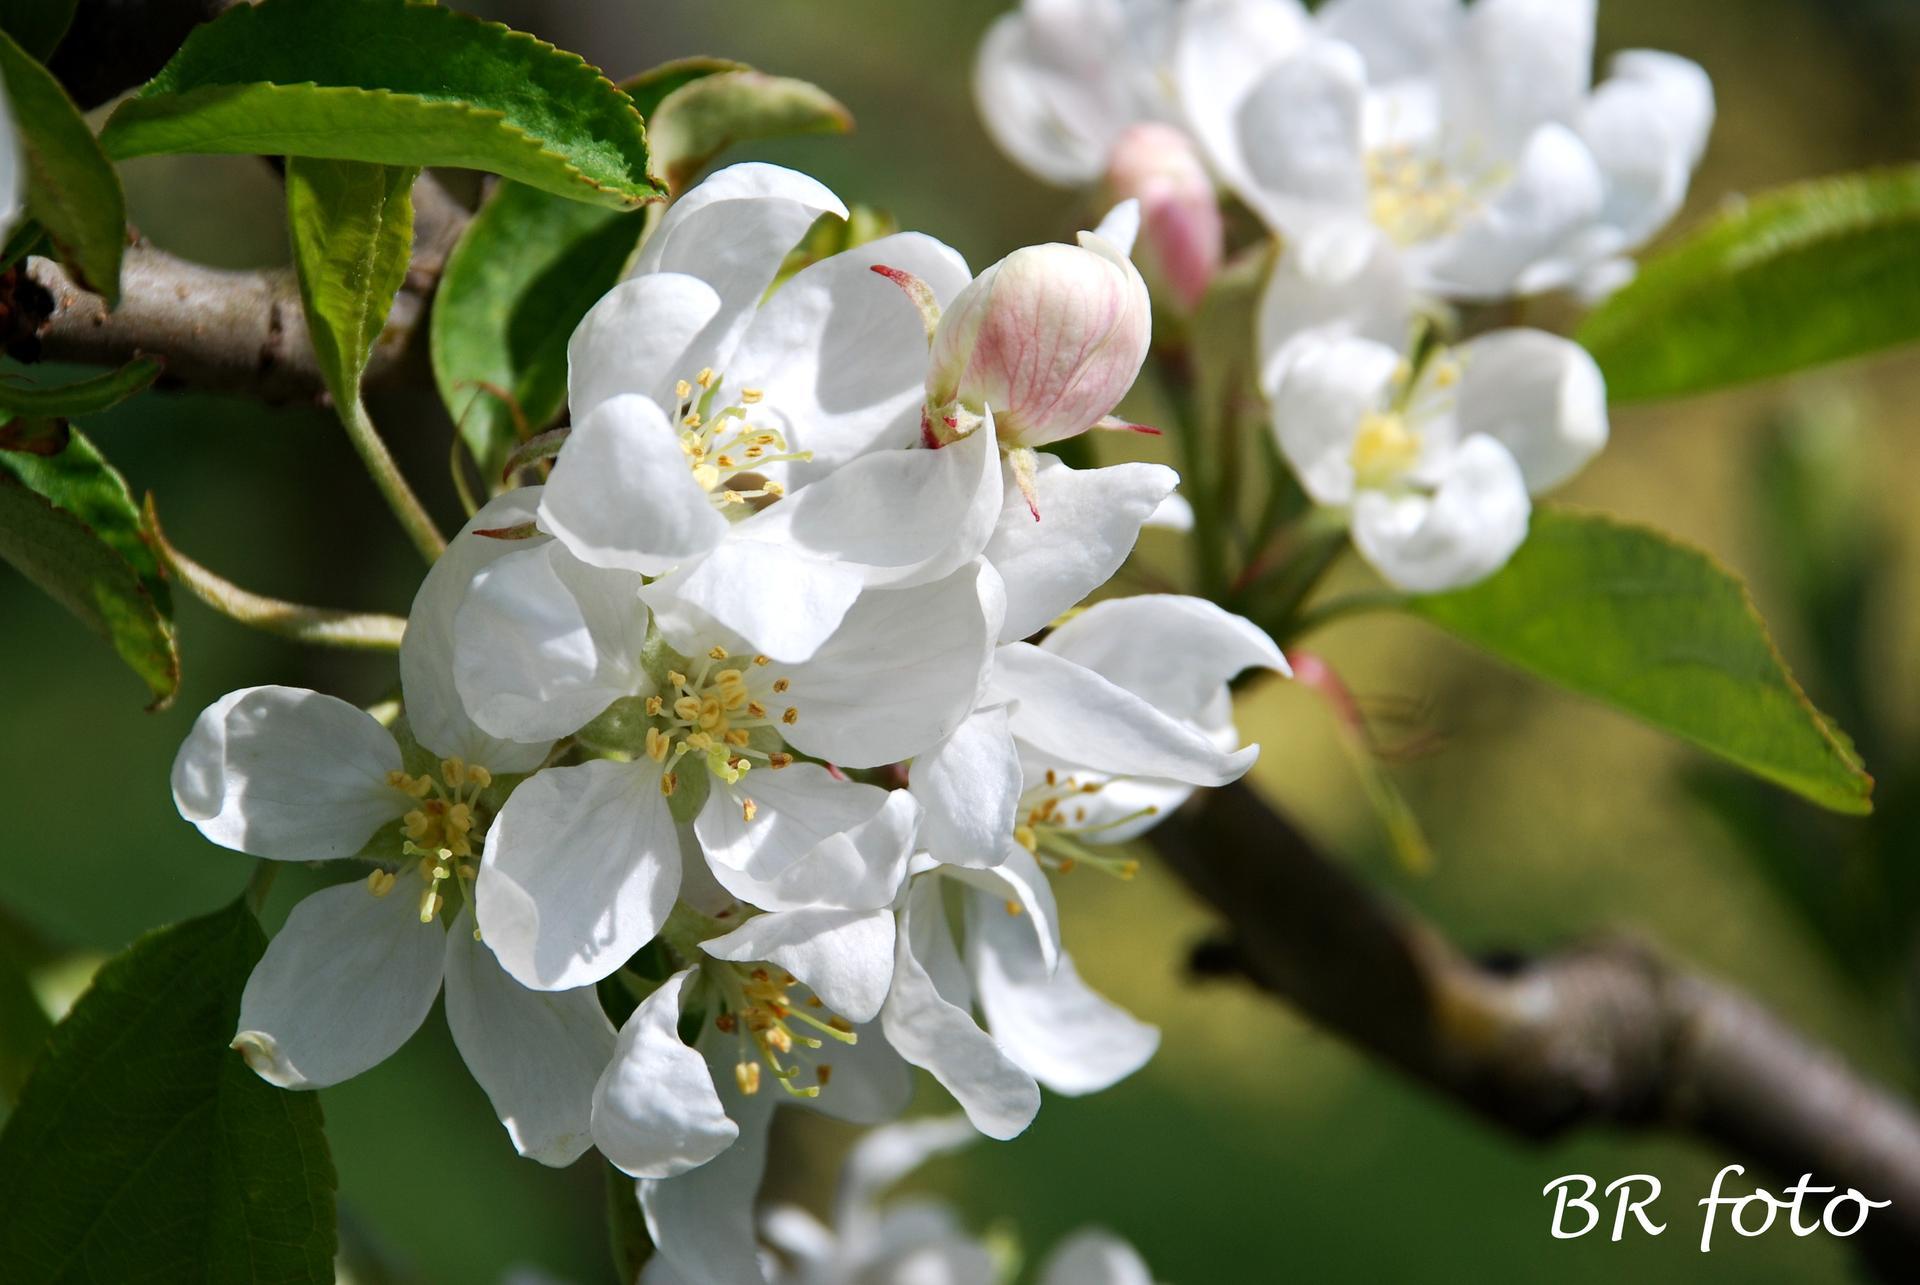 Pozvání do zahrady 2021 - květy jablůňky